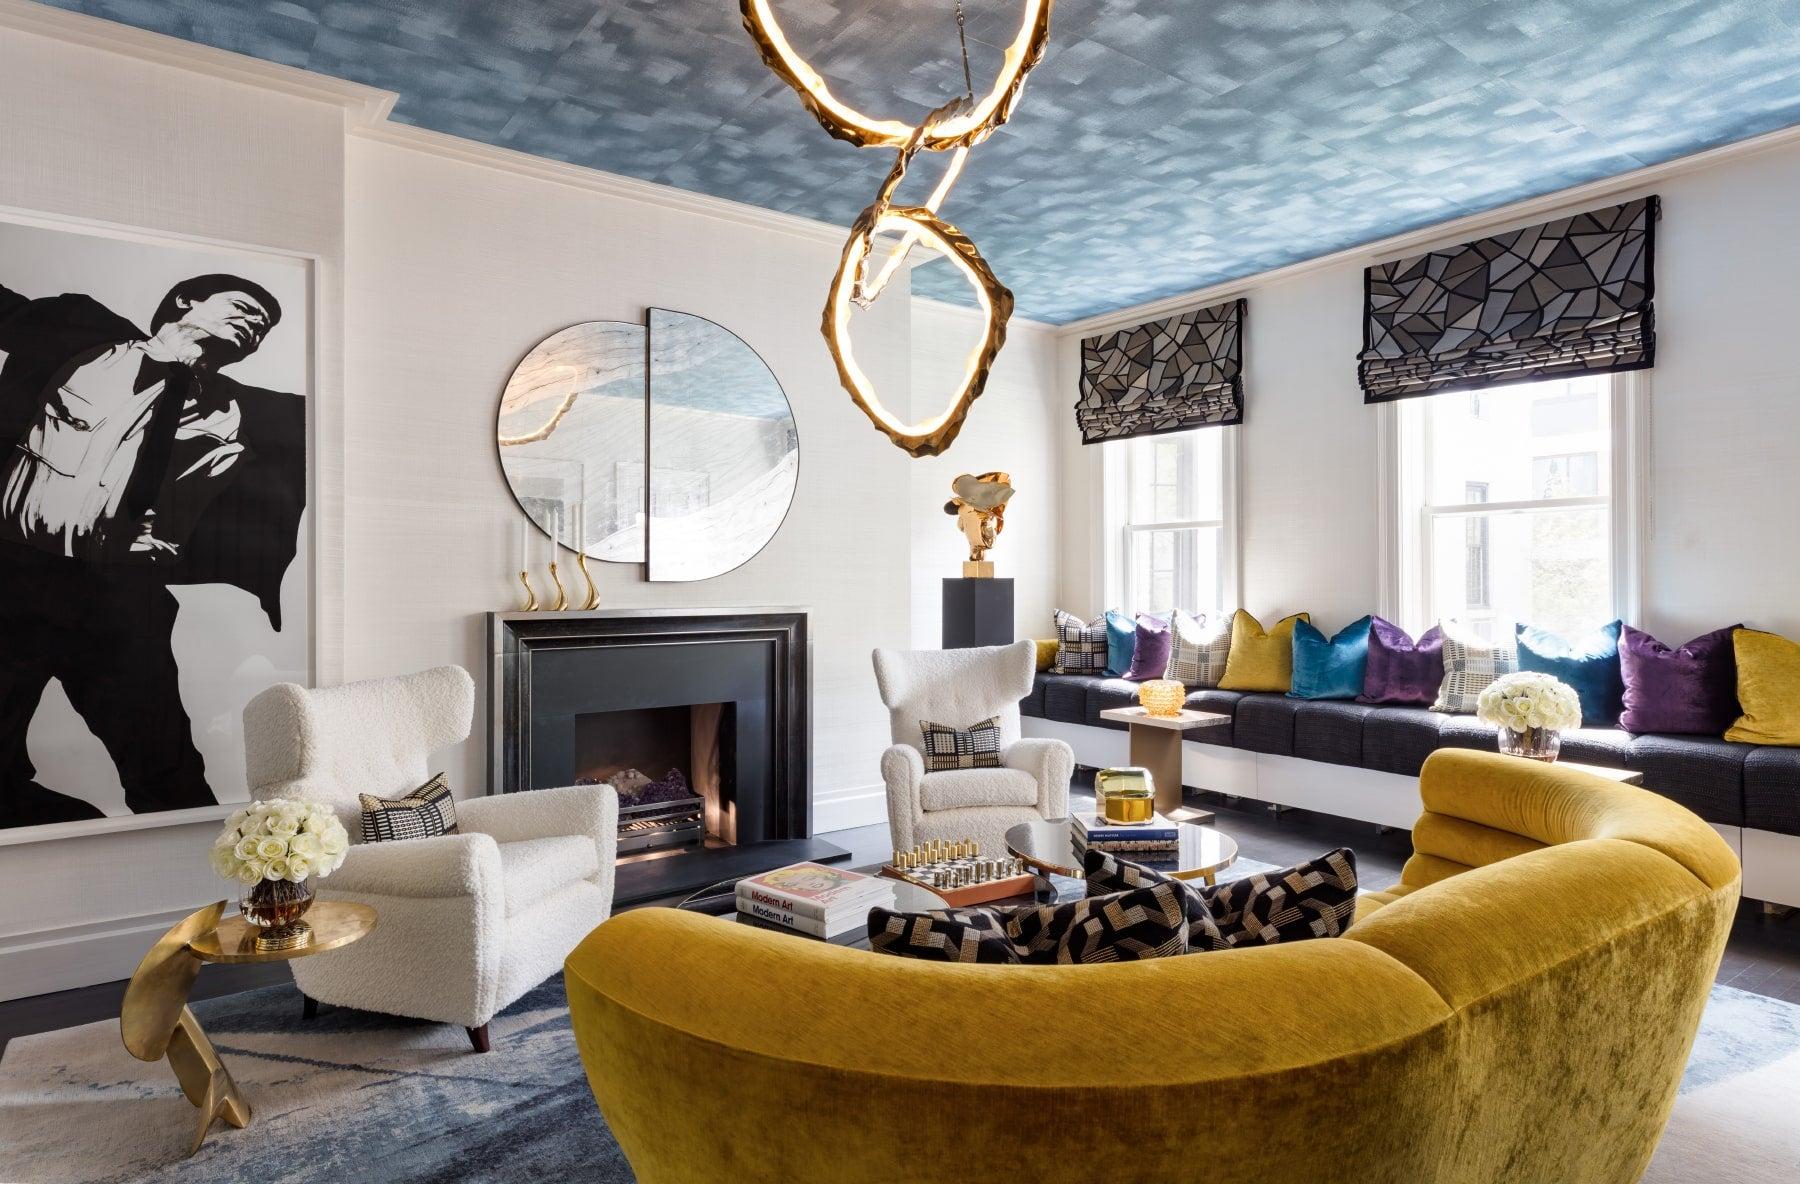 Kips Bay Decorator Show House 2019 New York City Jennifer Cohler Mason J. Cohler Mason